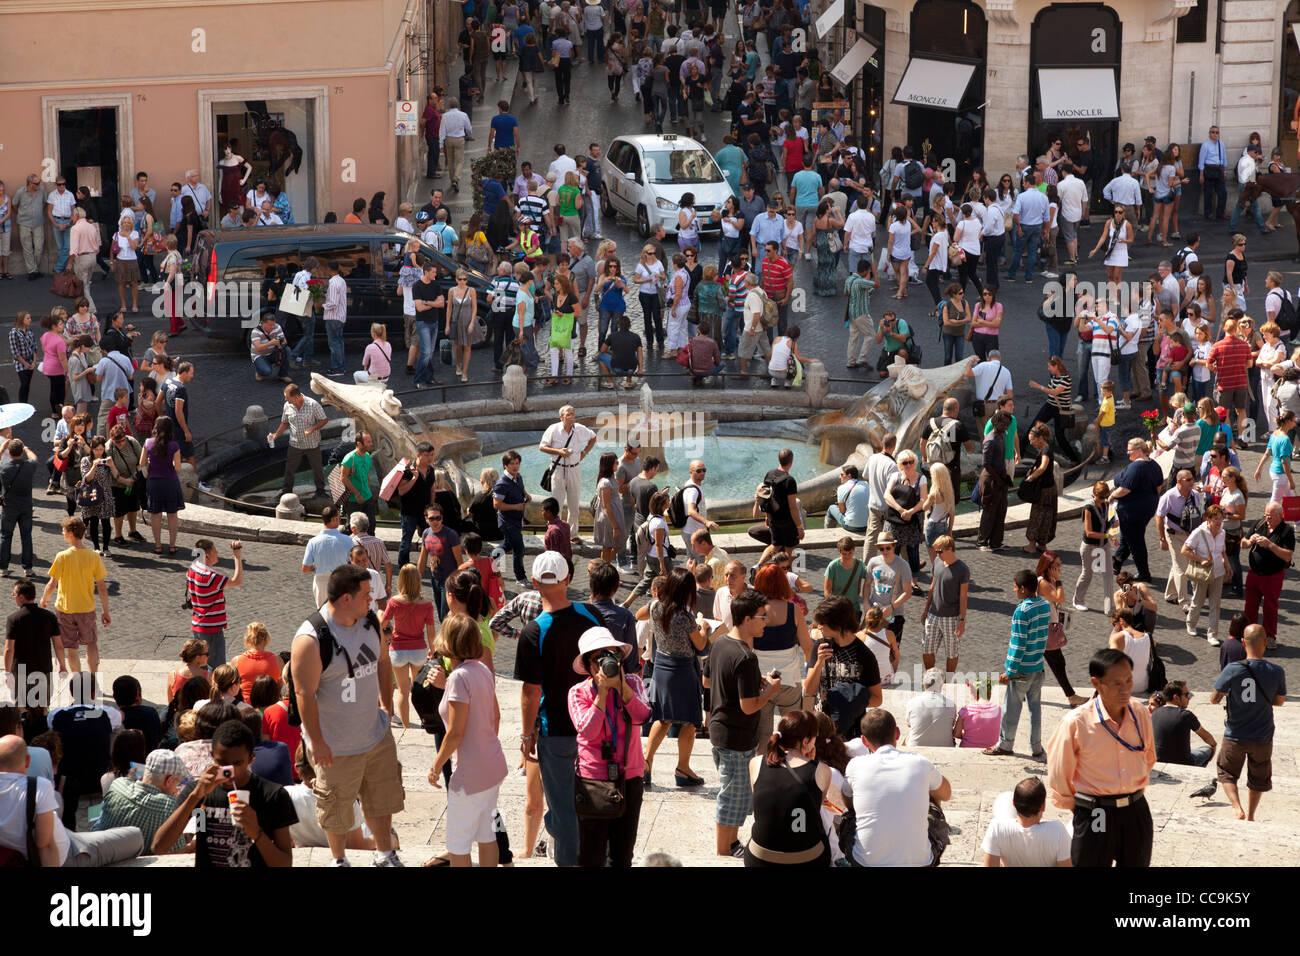 Des foules de touristes à la place d'espagne à rome Photo Stock